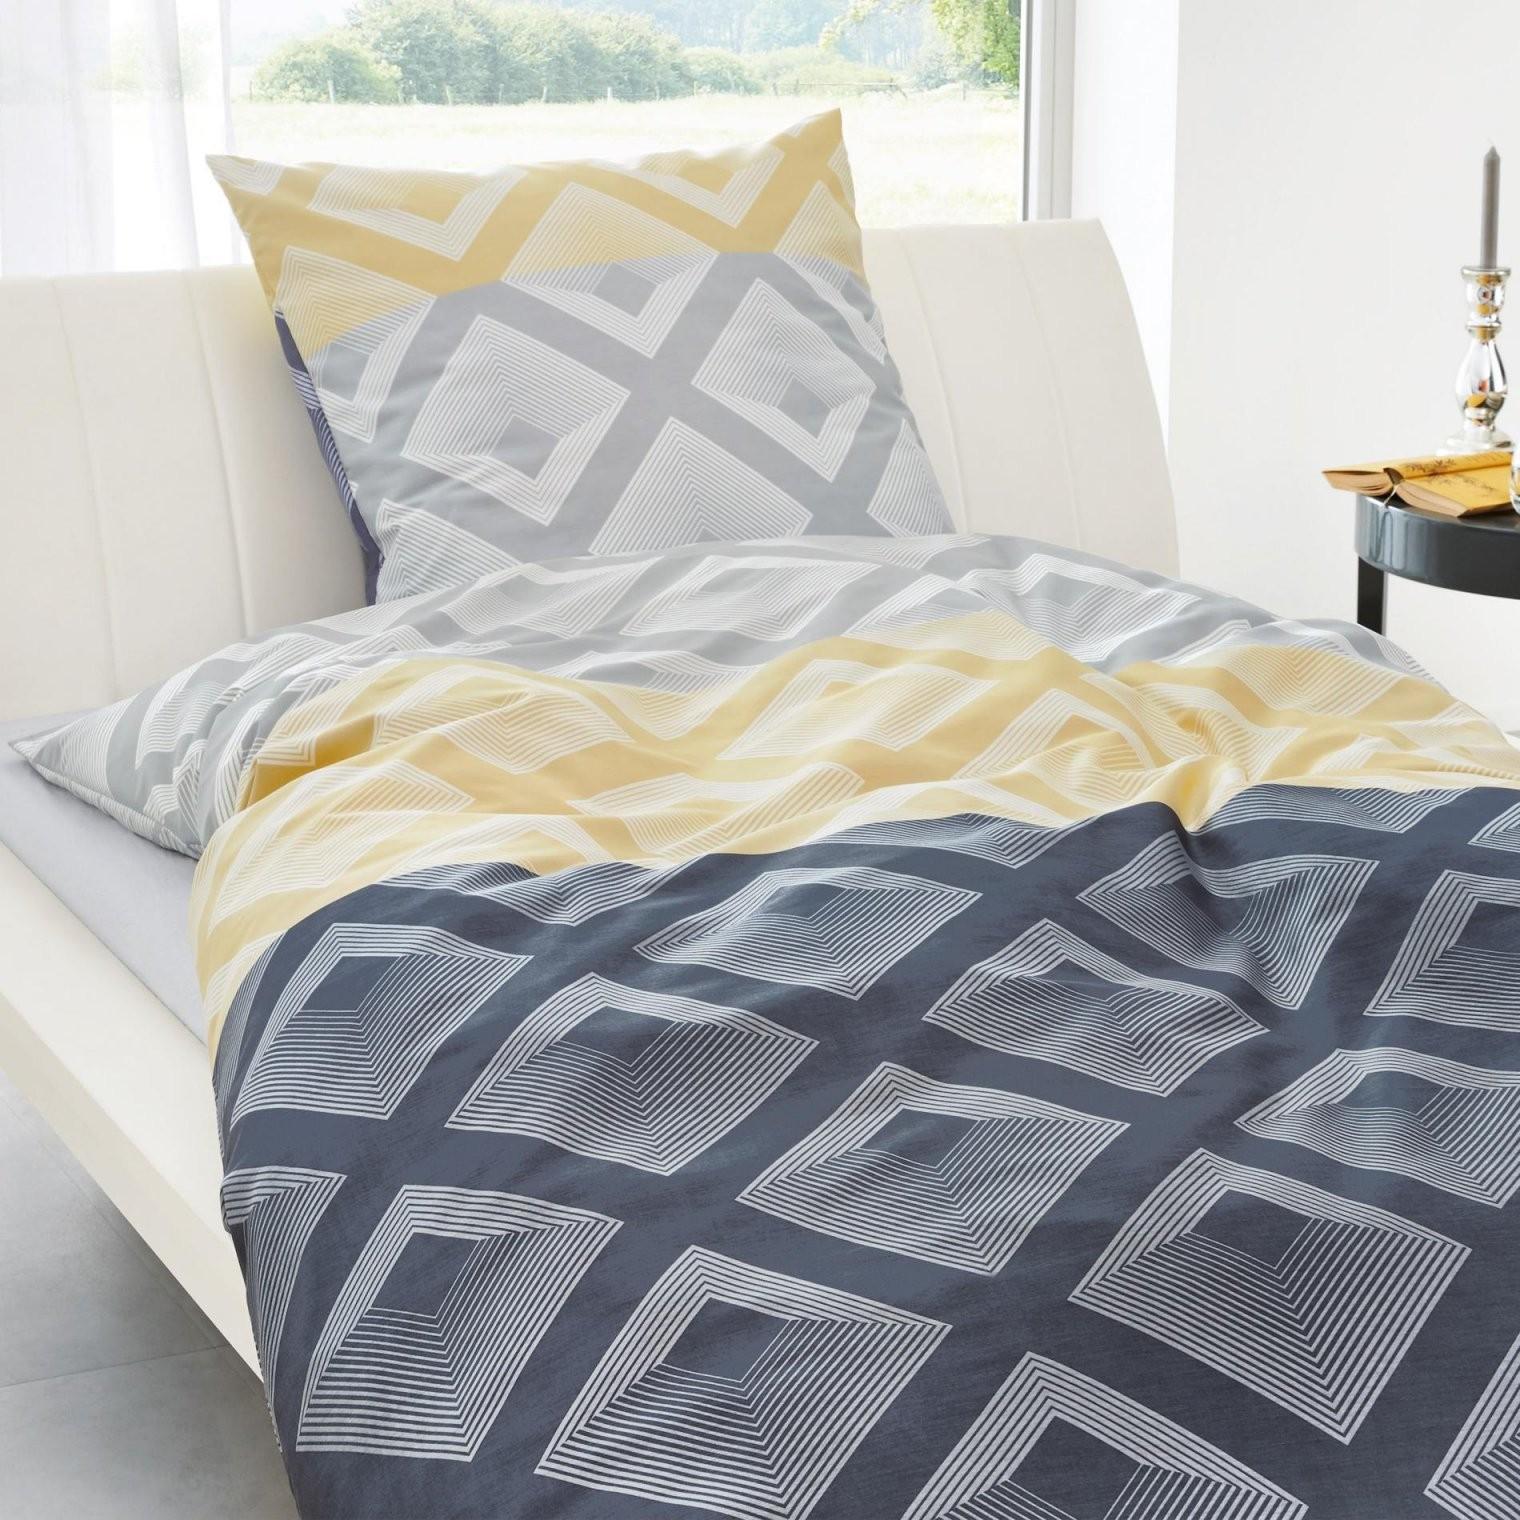 Bierbaum Bettwäsche Makosatin 654831 Textilien  Teppiche von Bierbaum Bettwäsche Mako Satin Photo